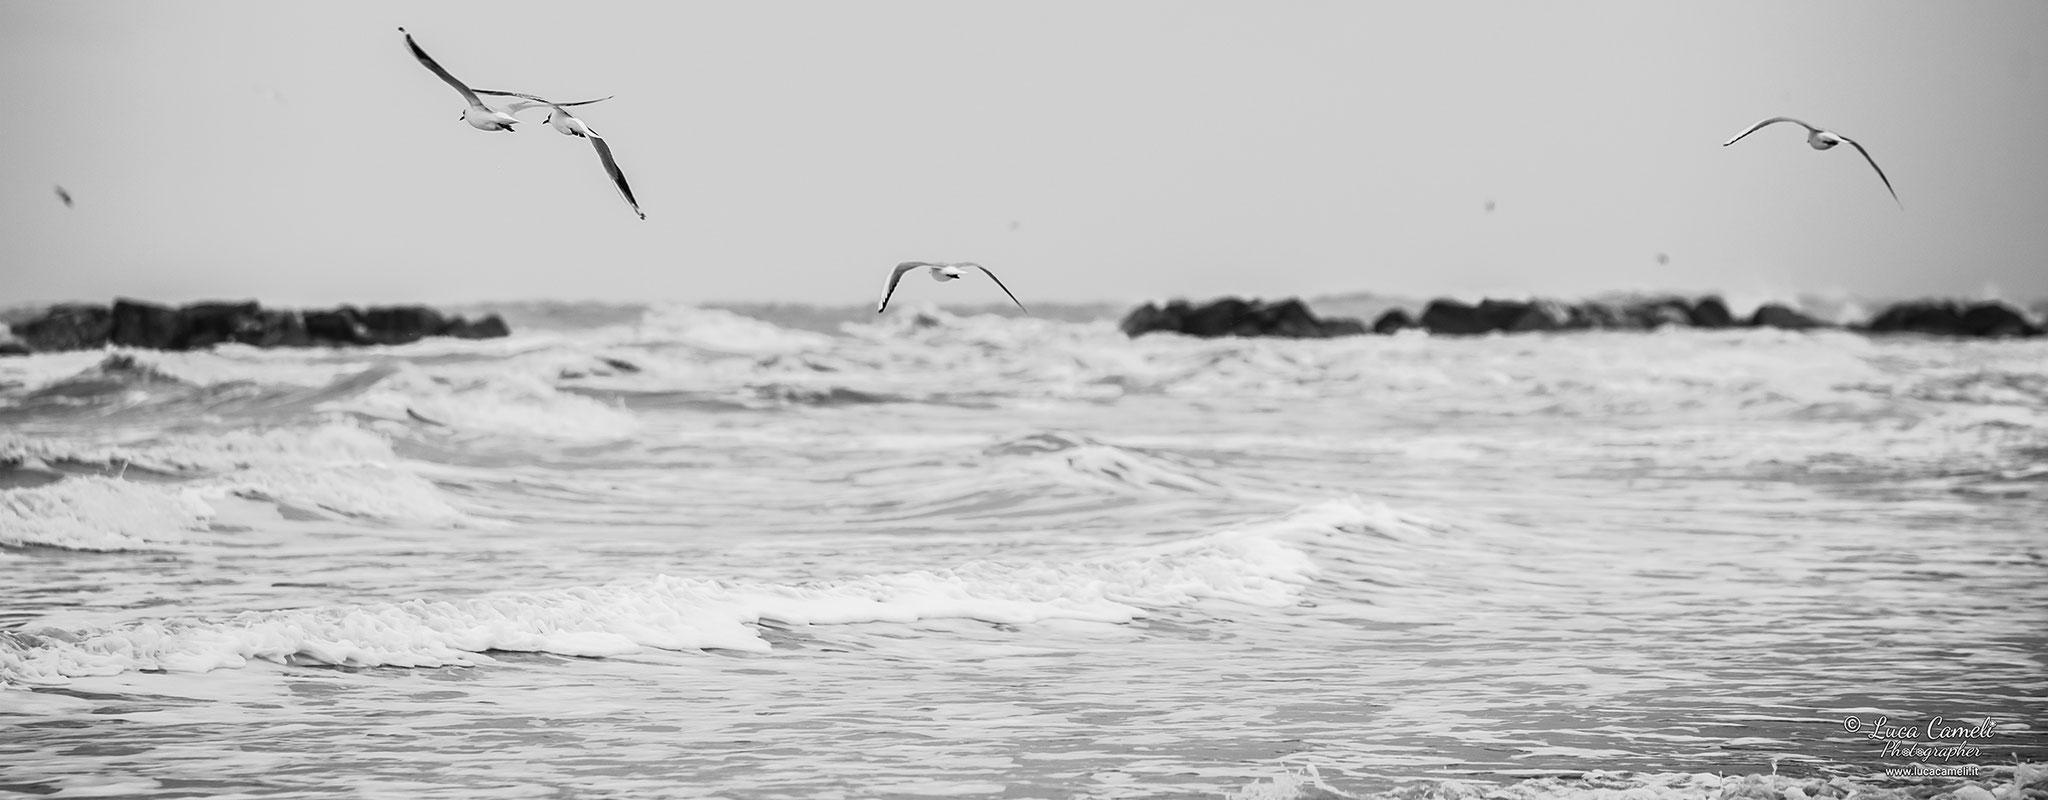 """La Voce Del Mare (San Benedetto del Tronto), concept ispirato dal film """"La leggenda del pianista sull'oceano"""" del maestro Giuseppe Tornatore. © Luca Cameli Photographer"""